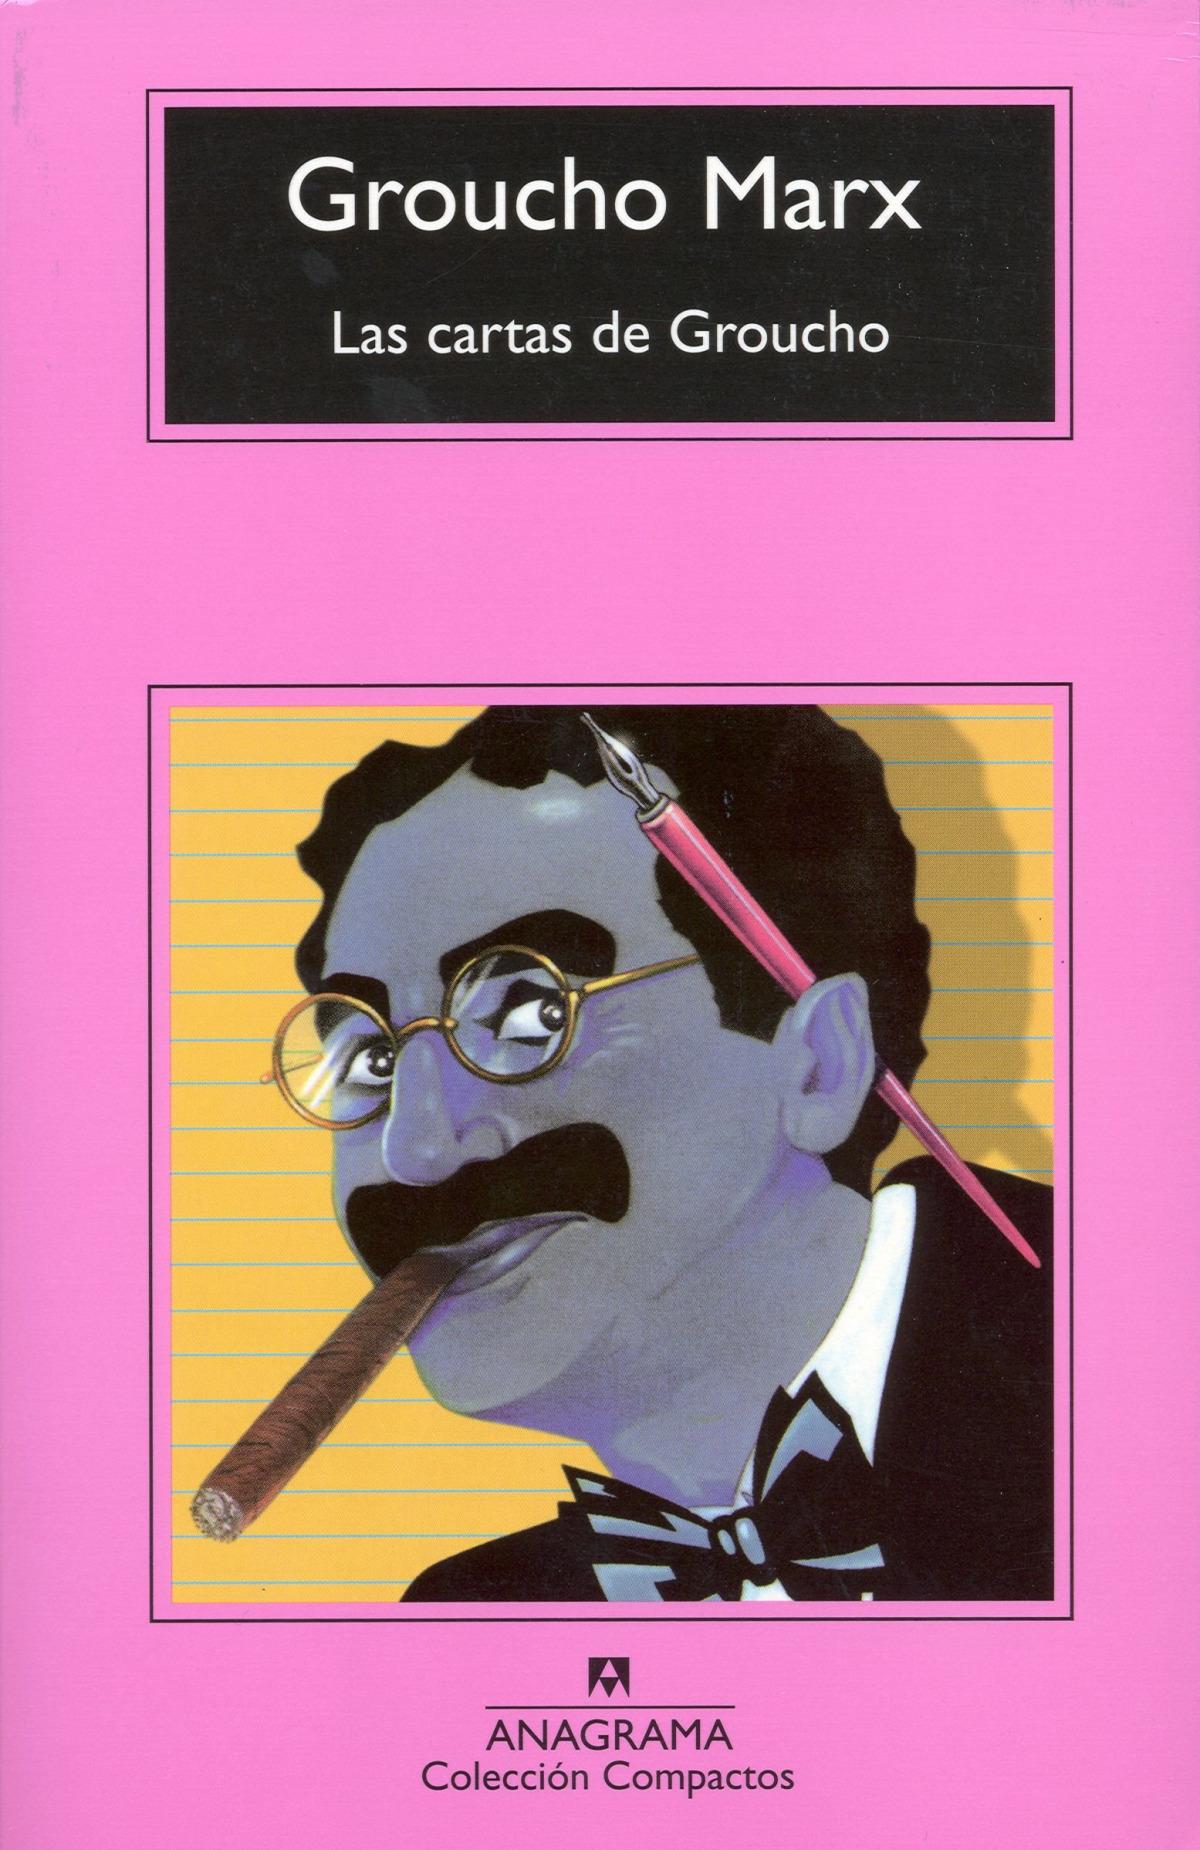 Las cartas de Groucho Marx